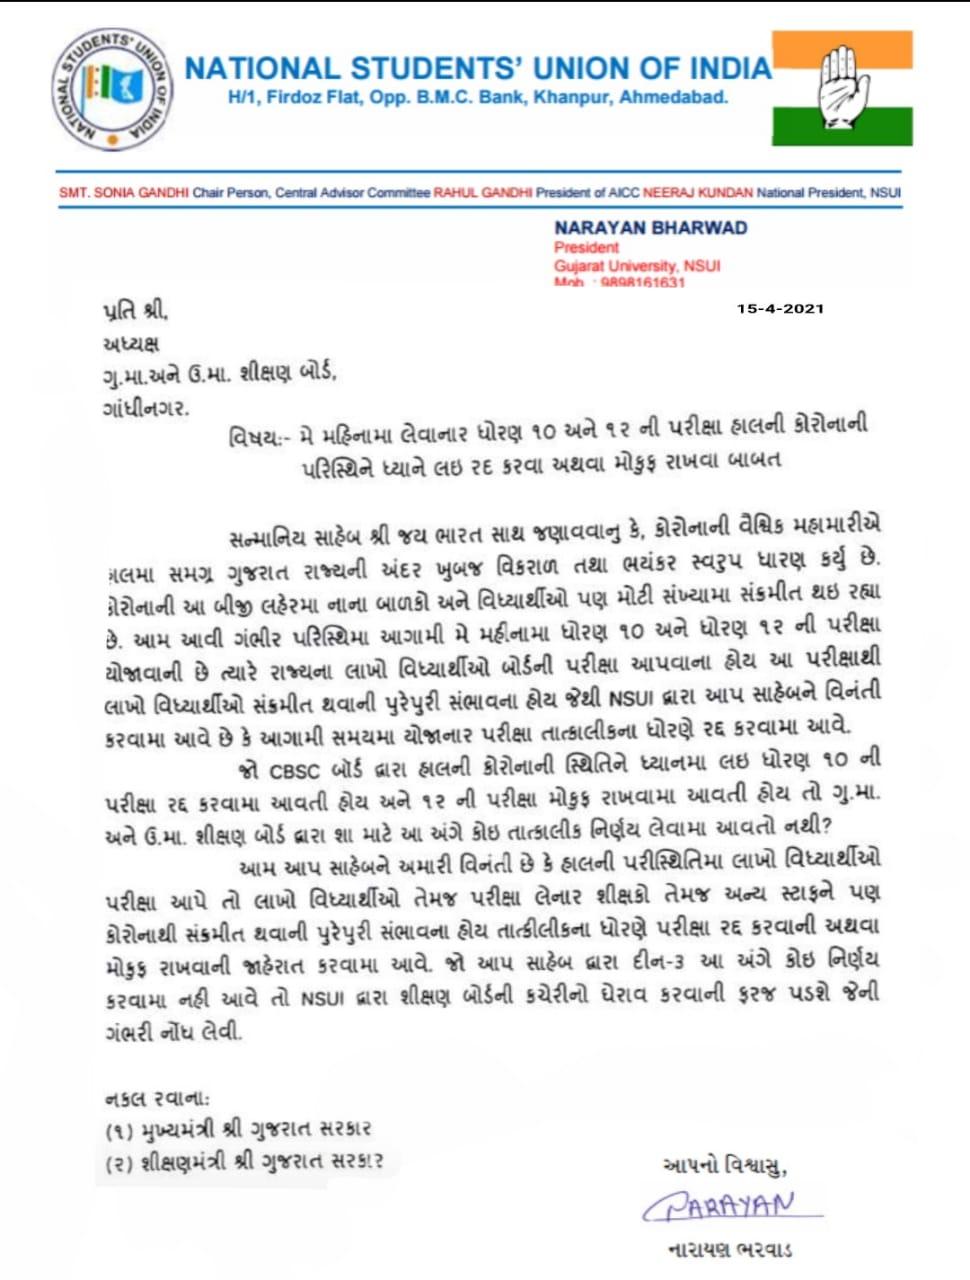 NSUIએ ગુજરાત શિક્ષણ બોર્ડને પત્ર લખીને માંગ કરી